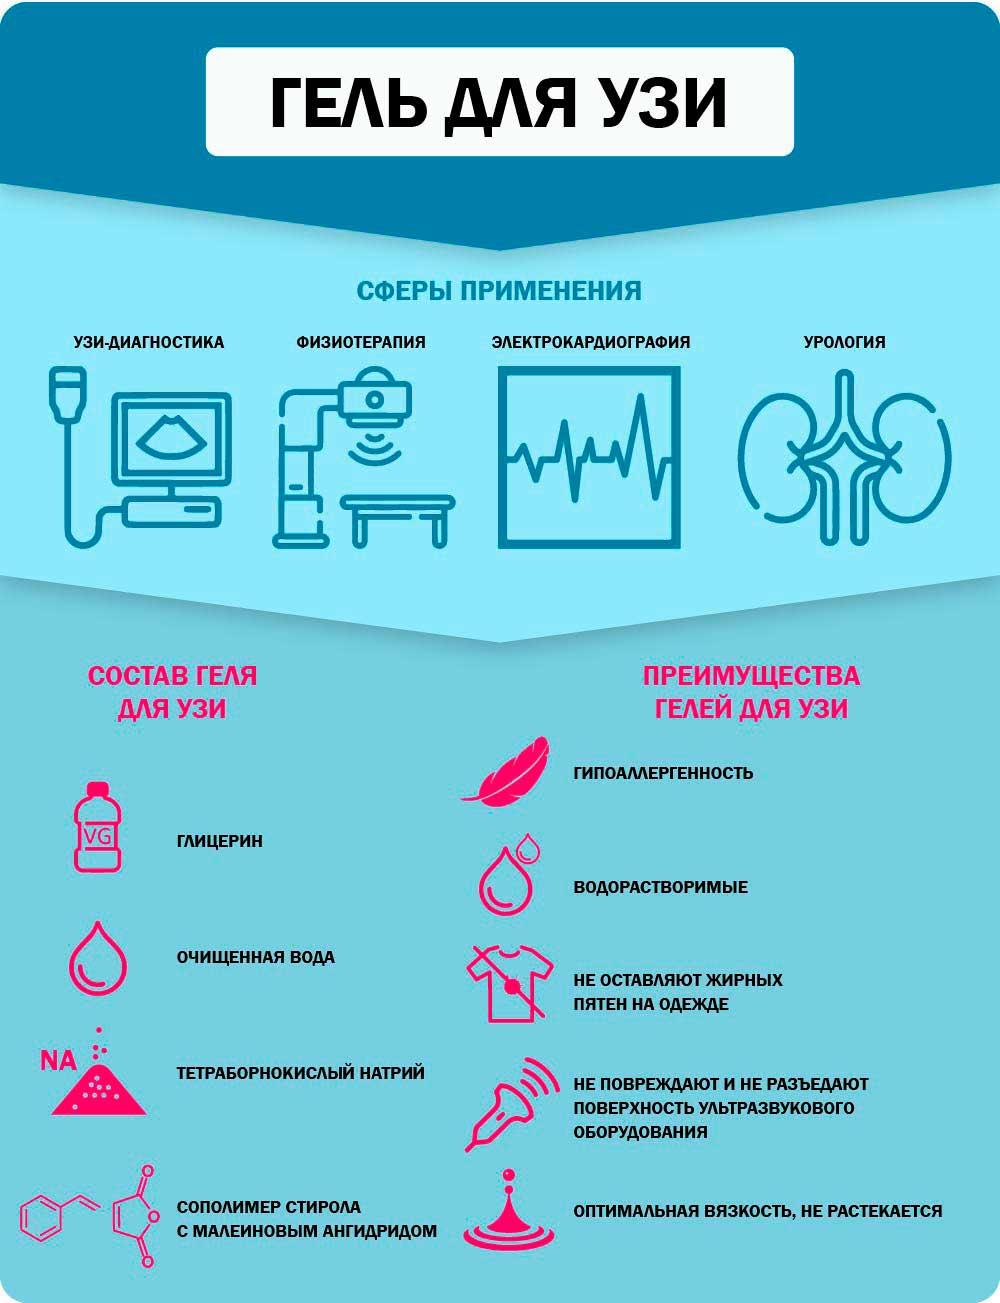 Гель для узи инфографика в которой рссказано о сферах применения, преимуществах и видах продукции, состав.